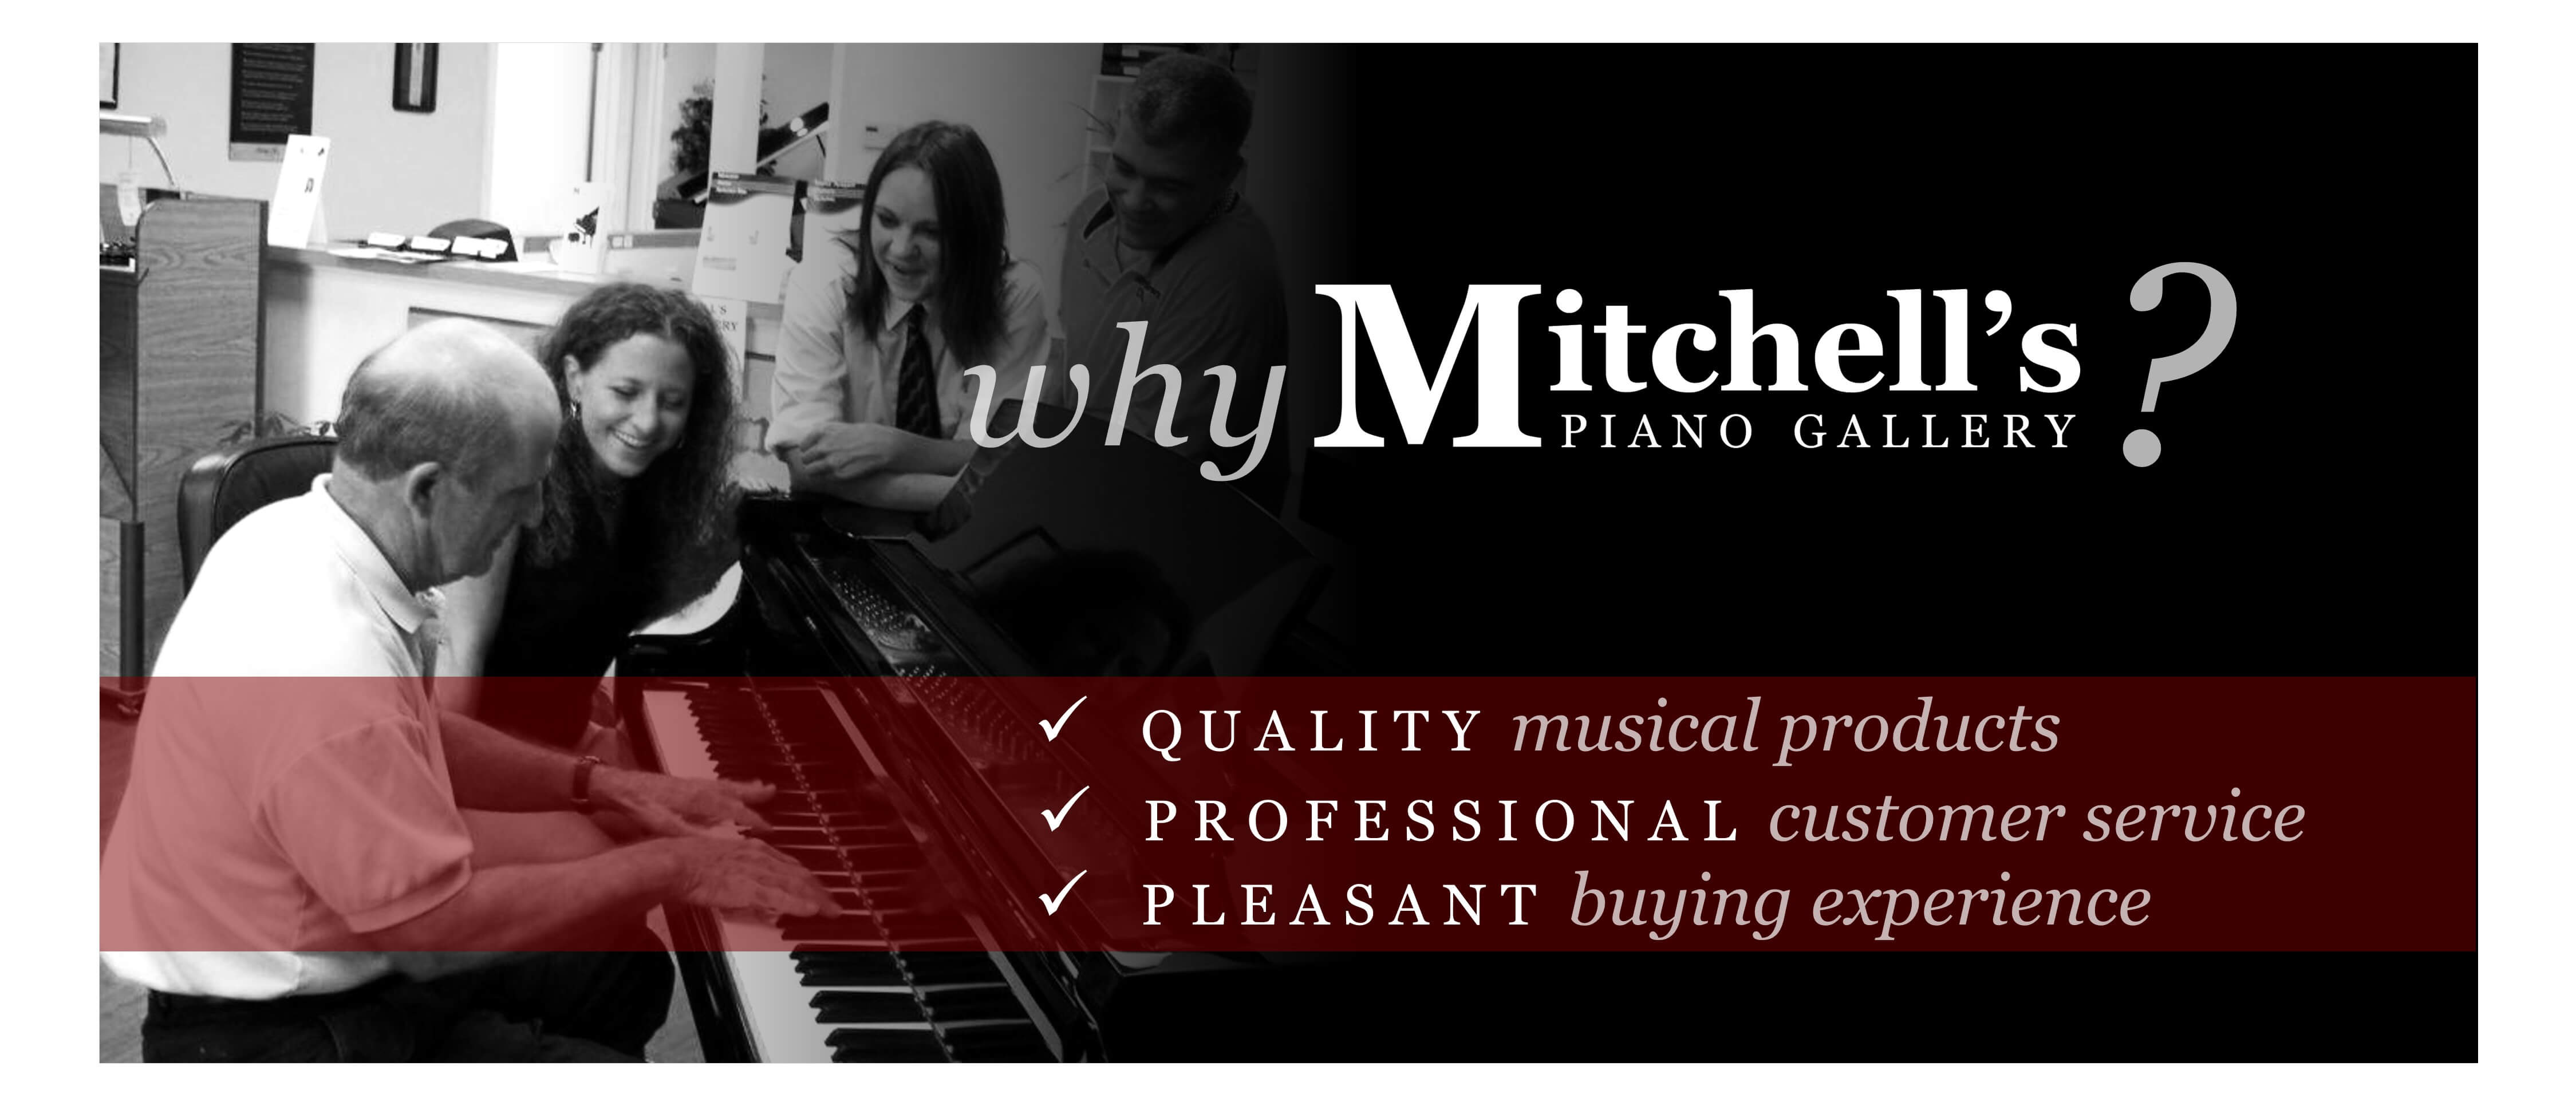 Why Mitchells